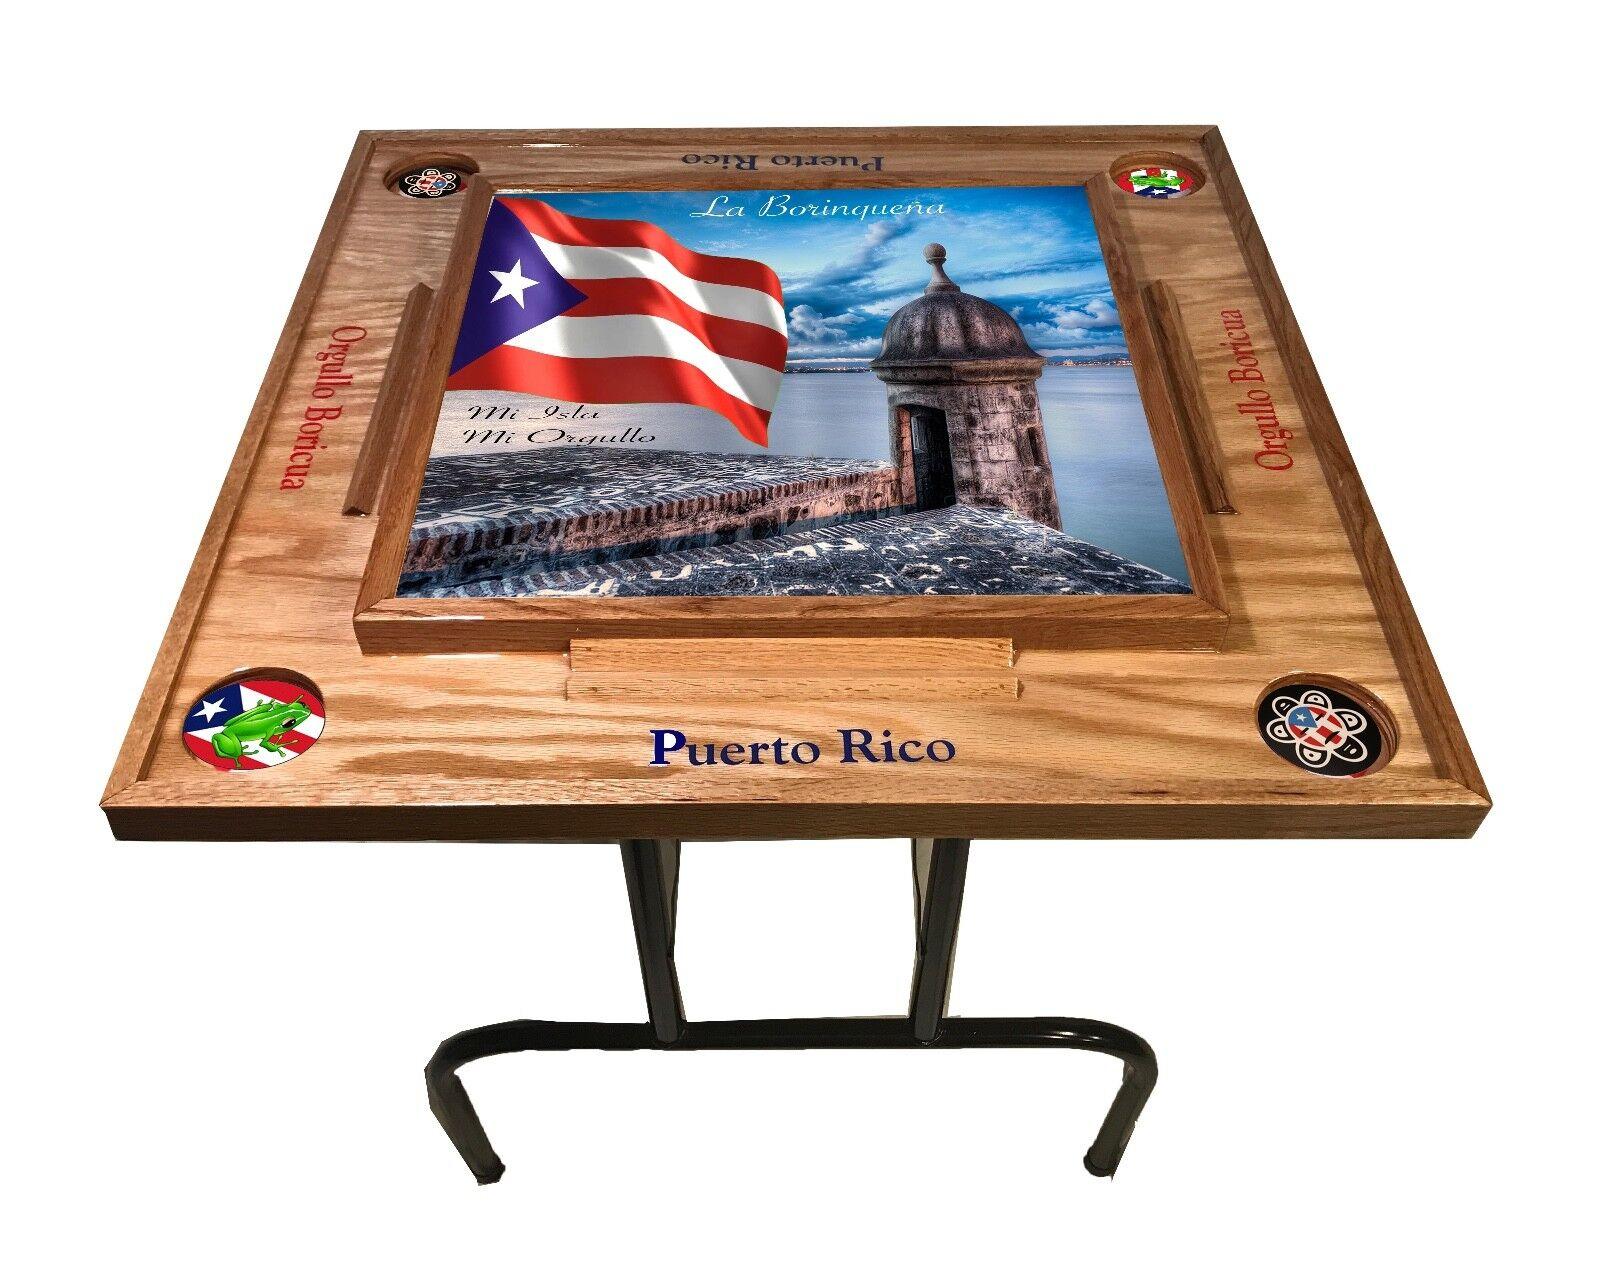 Puerto  Rico Domino Table with the Morro -Natura  molte sorprese